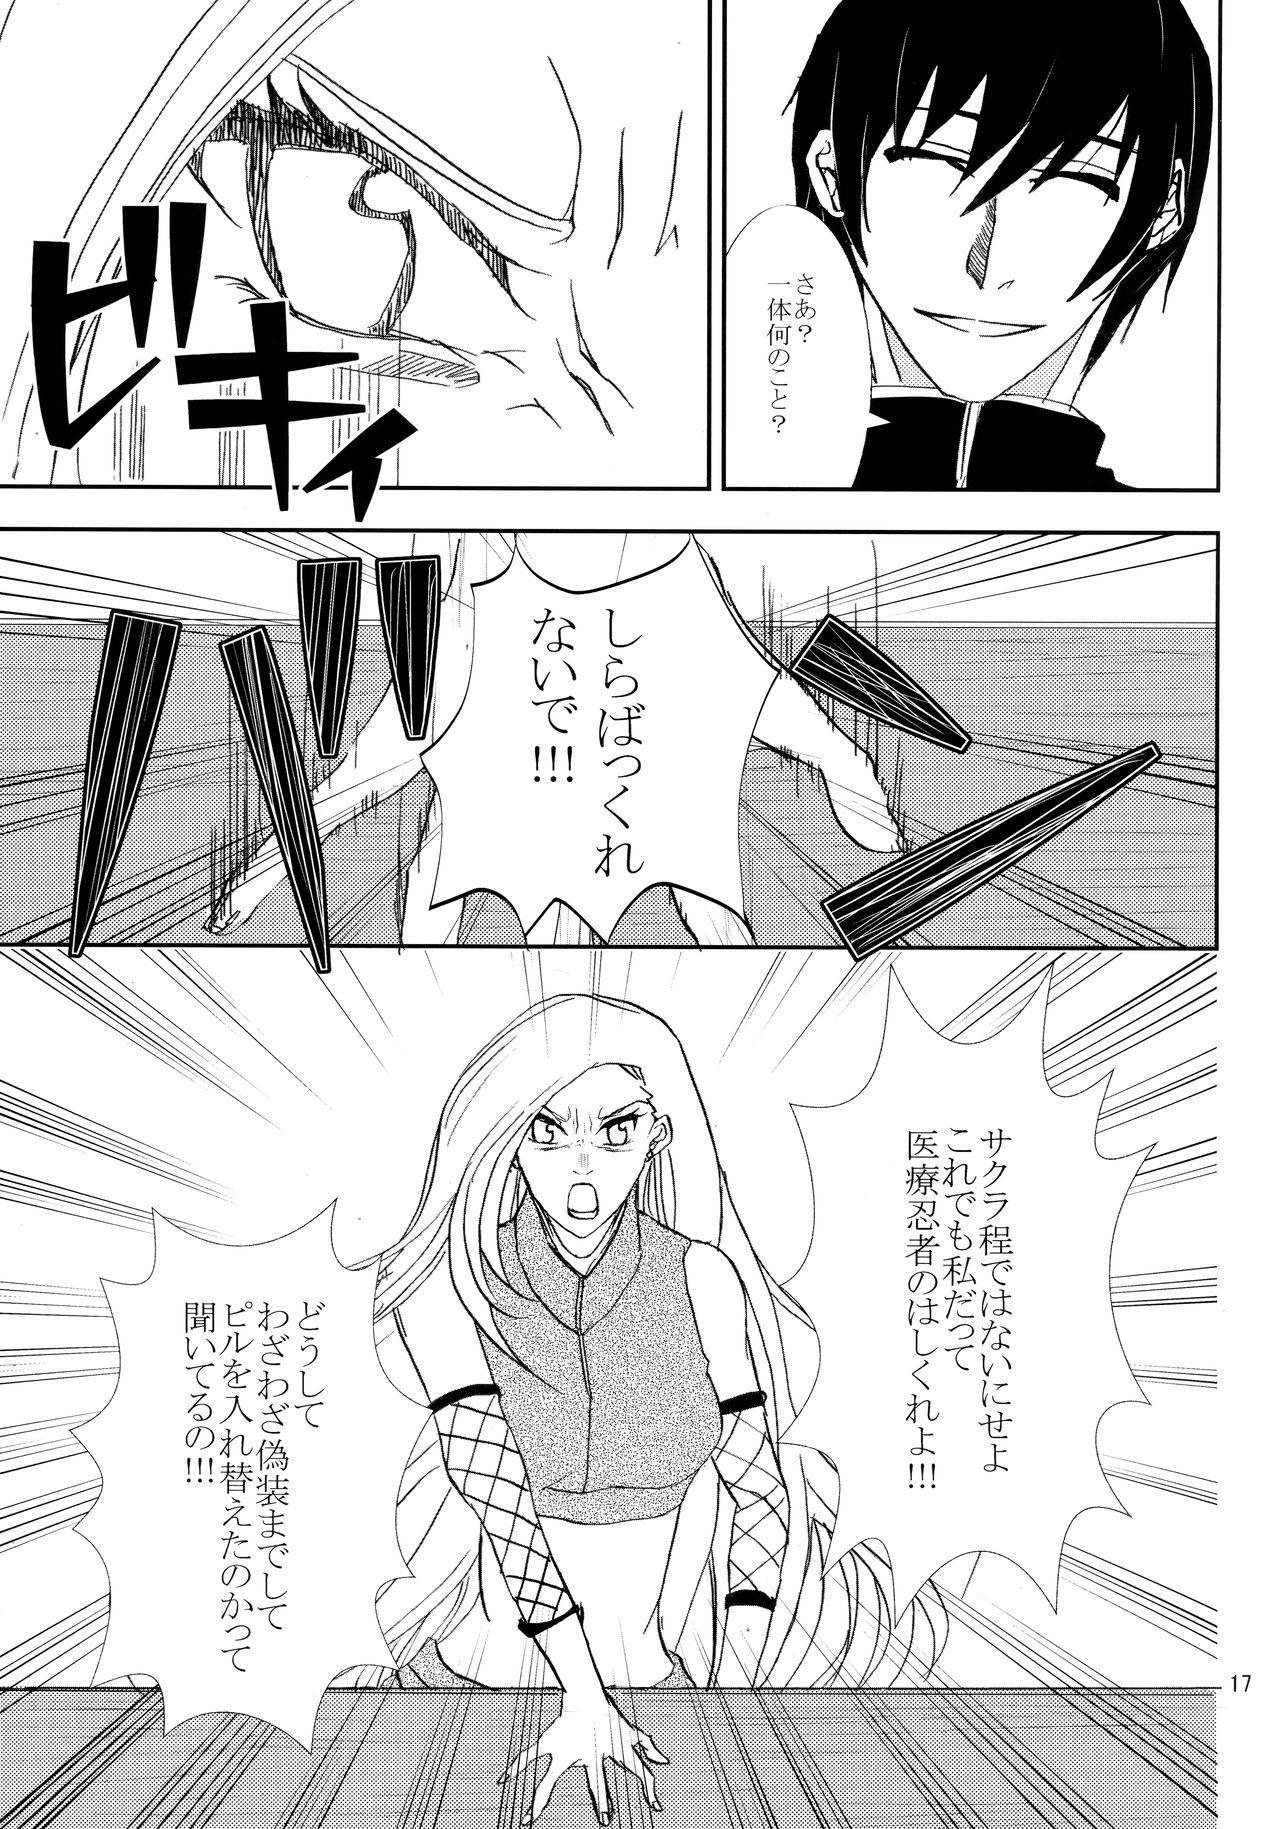 Kawaii Hito 15